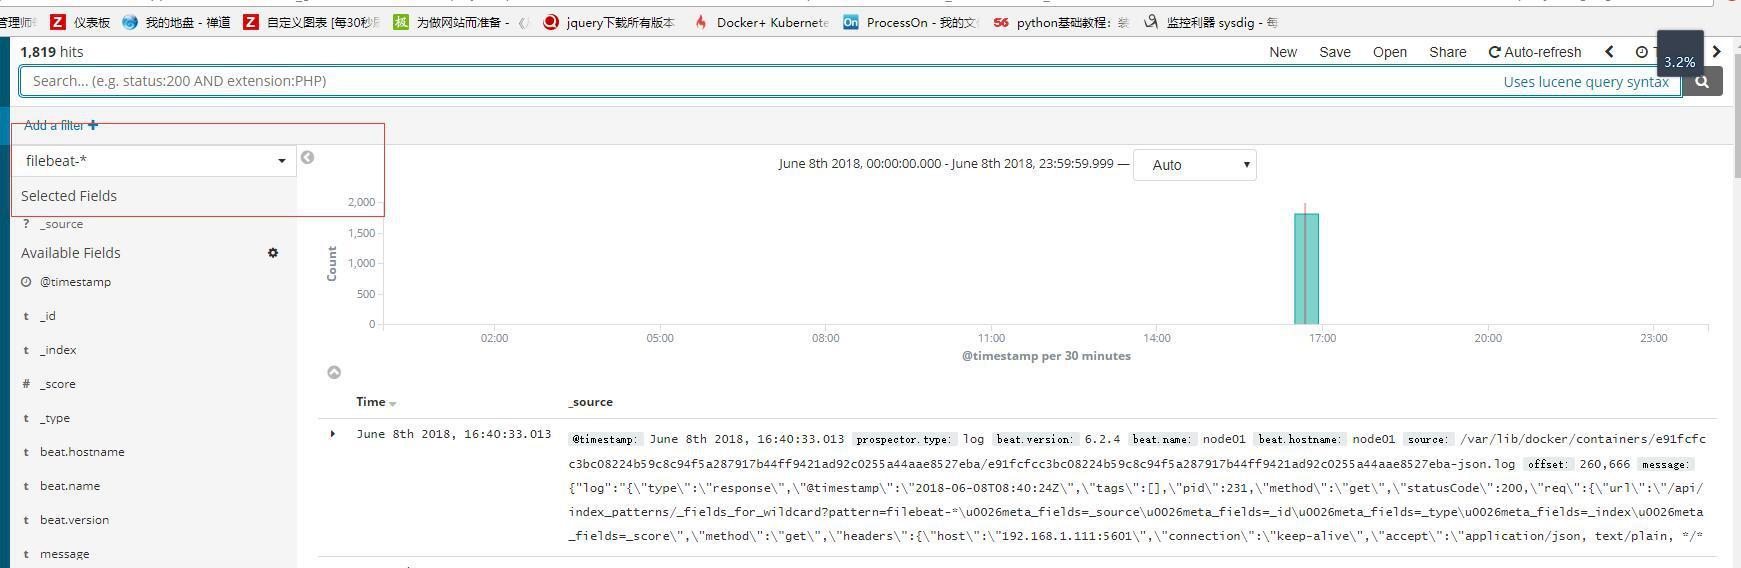 Docker 部署ELK 日志分析-腾讯云资讯